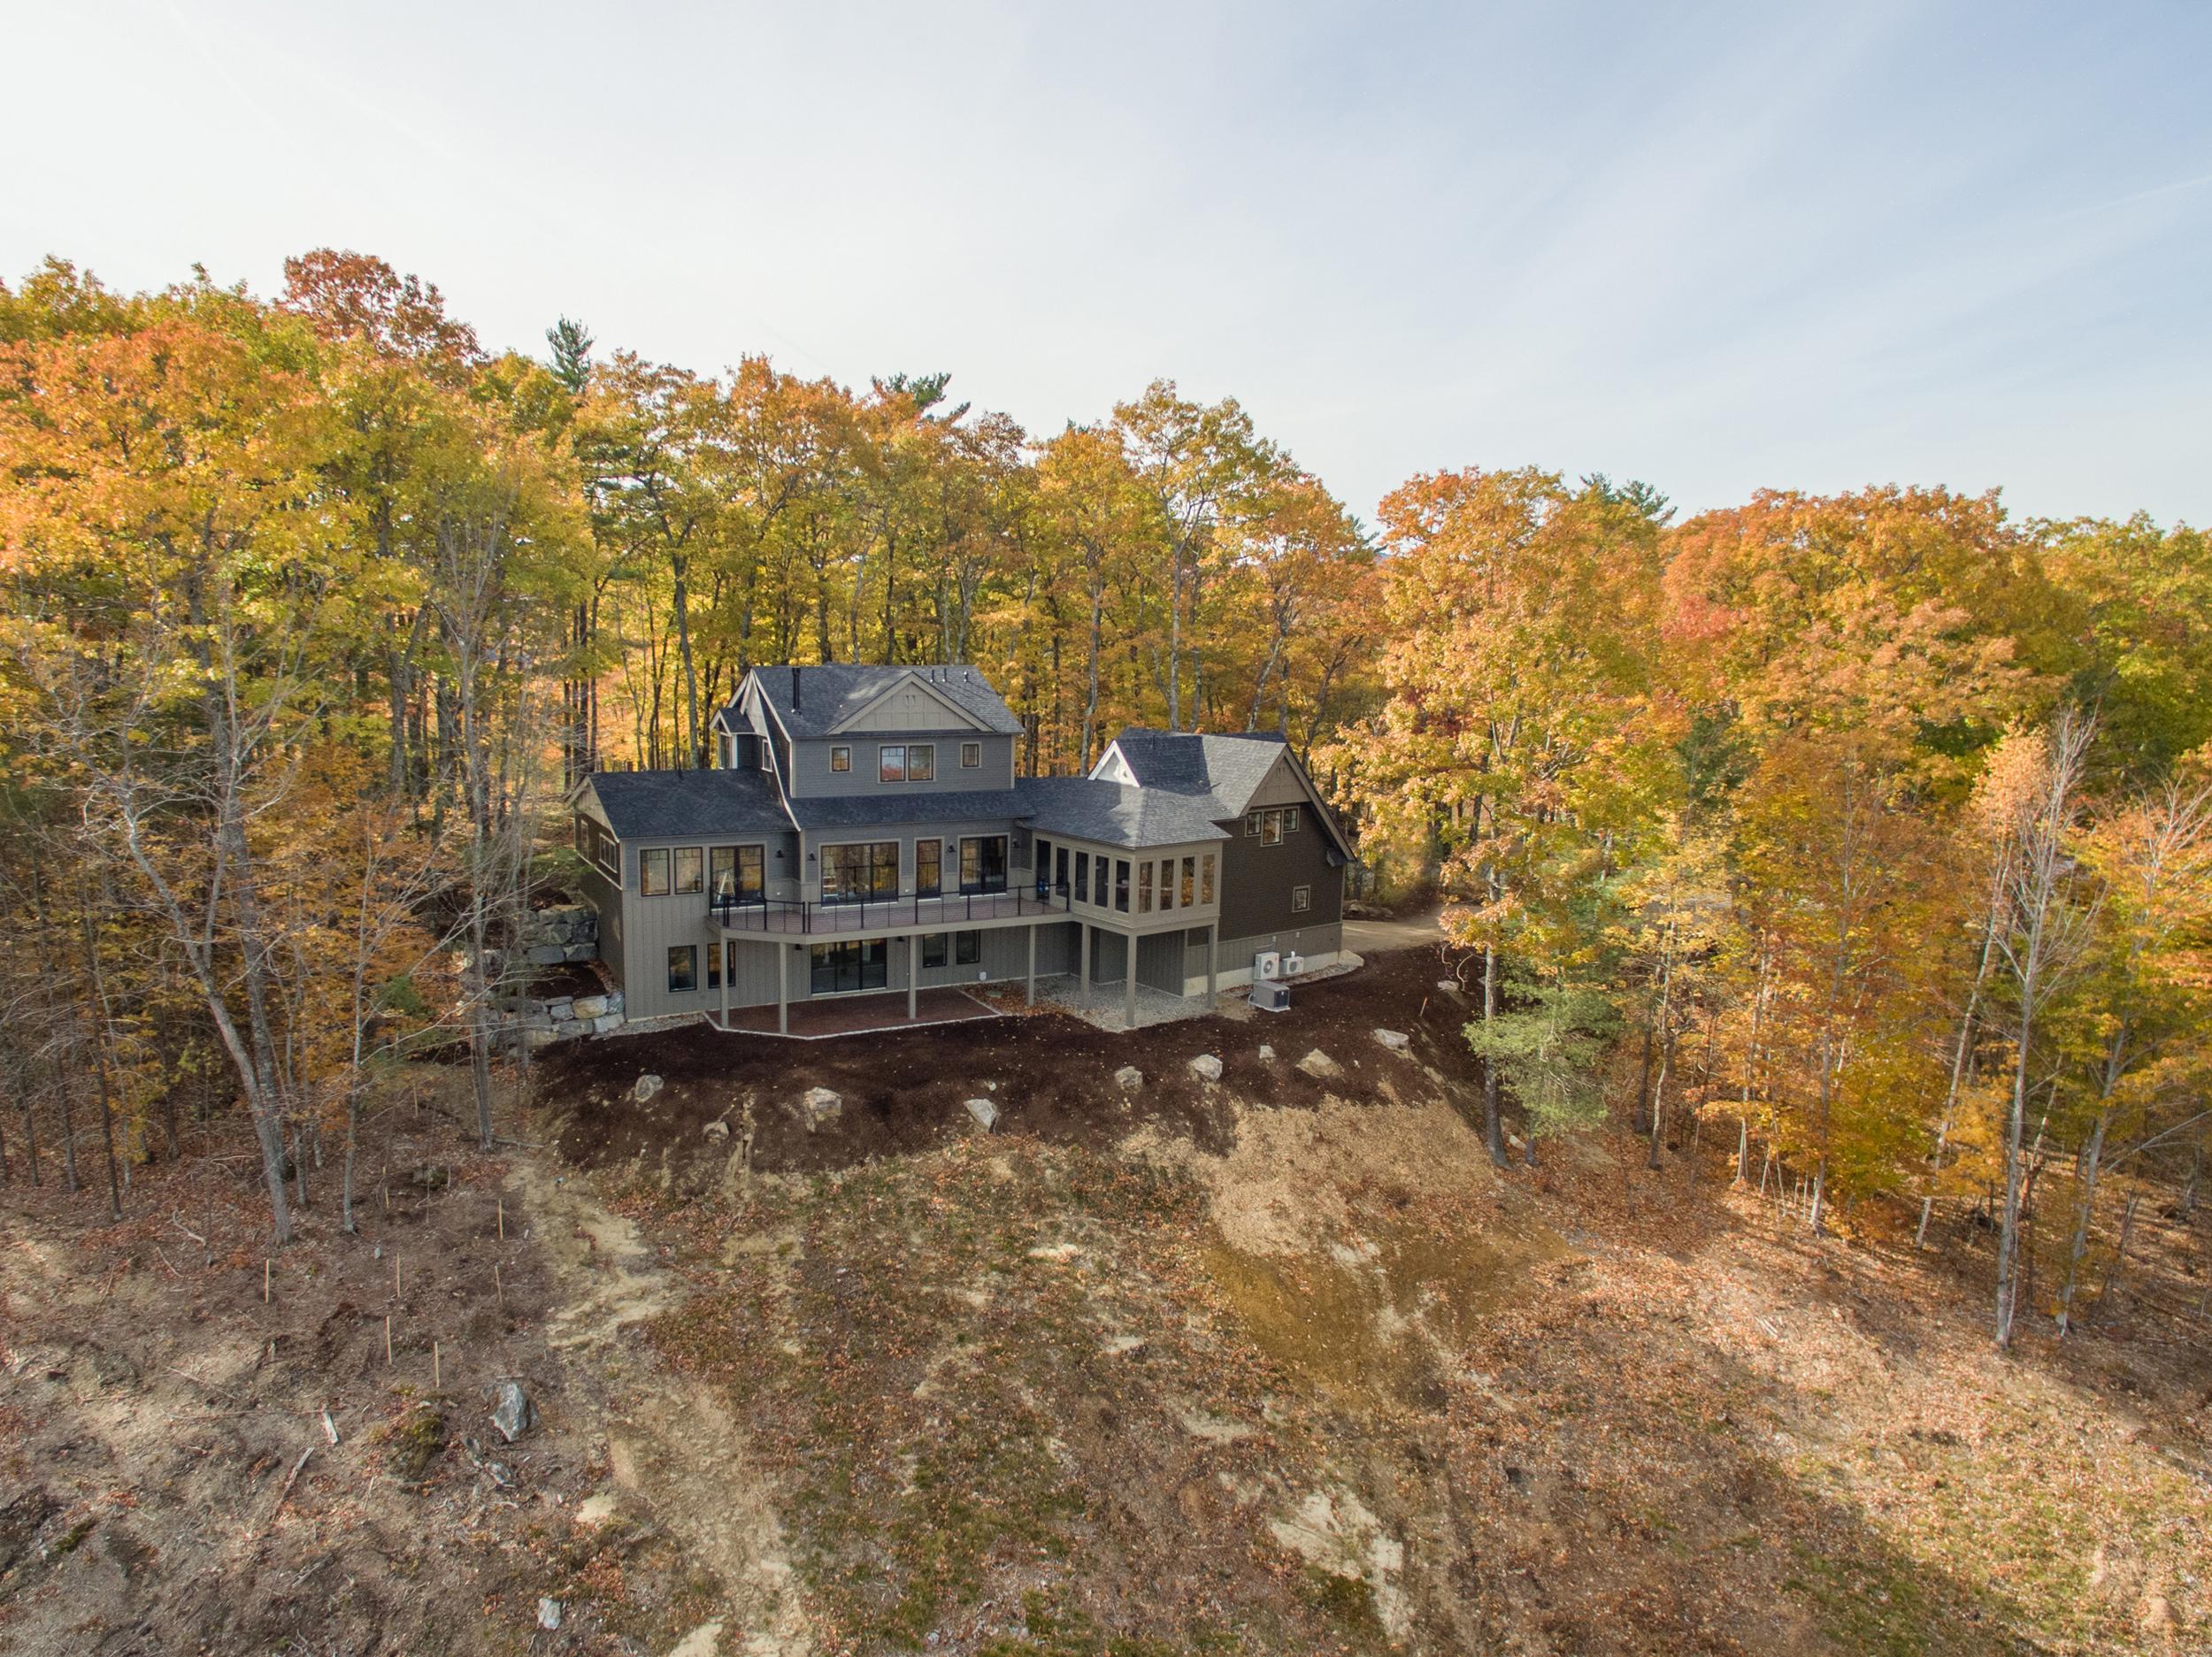 Single Family Home for Sale at 68 Ridge Rd Ldg, Ashland Ashland, New Hampshire, 03217 United States